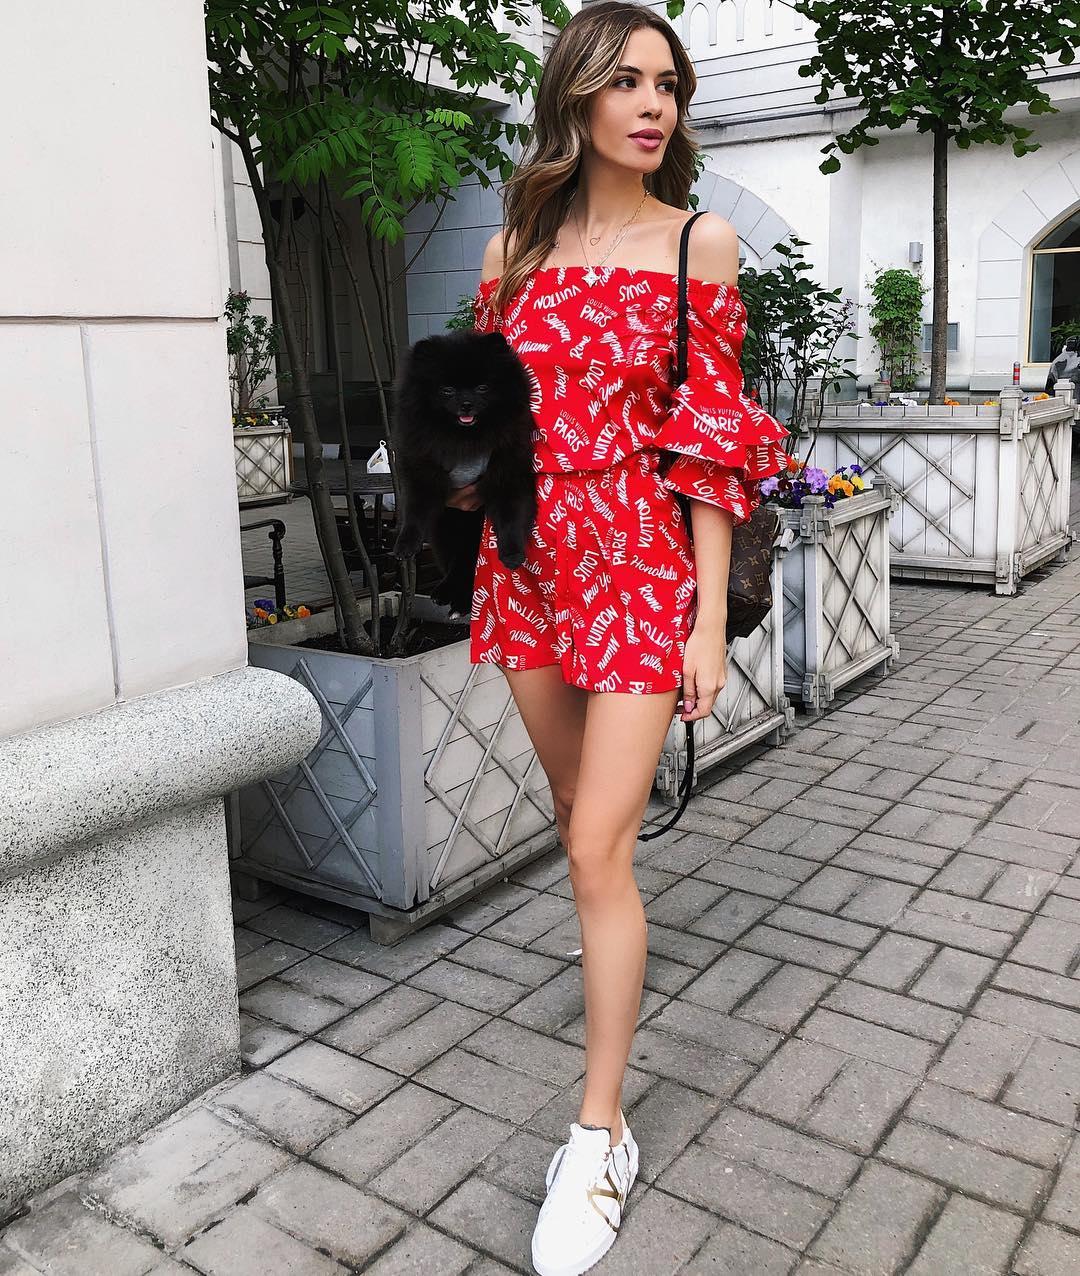 Платье с кроссовками фото_29